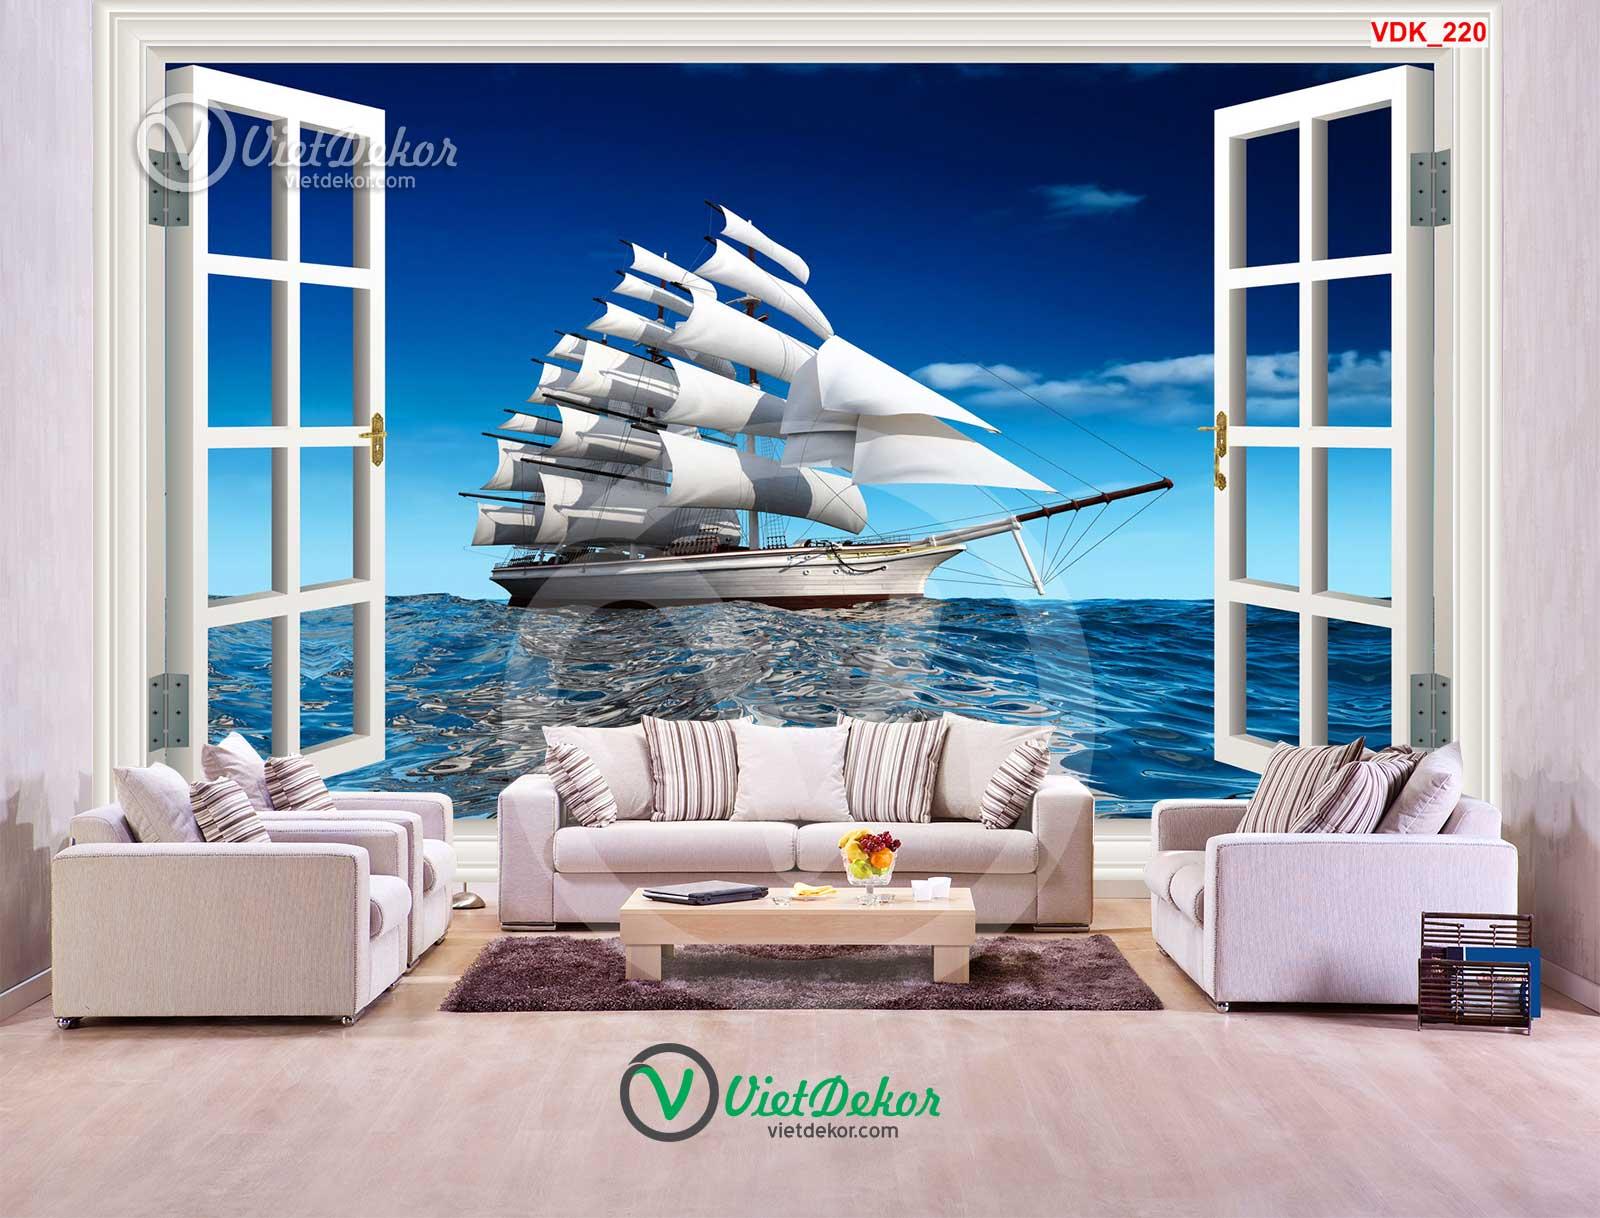 Tranh dán tường 3d thuận buồm xuôi gió